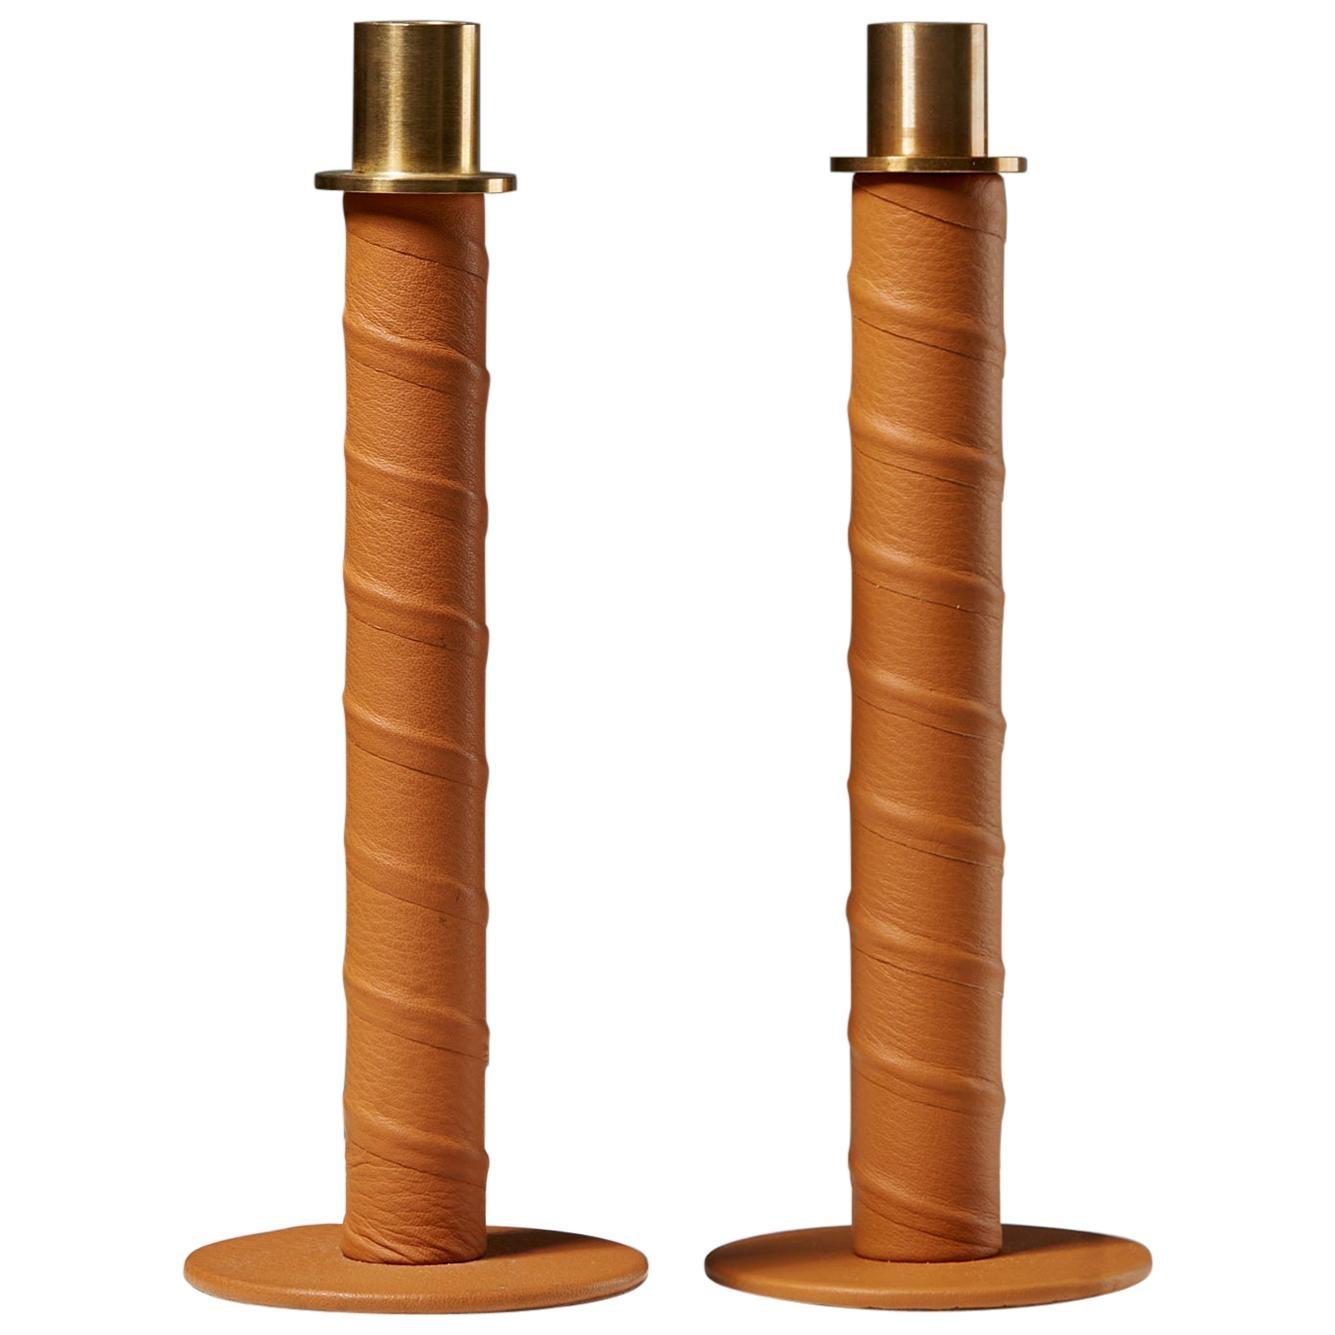 """Set of Candlesticks """"Herrgård"""" Designed by Alexander Lervik, Sweden, 2013"""